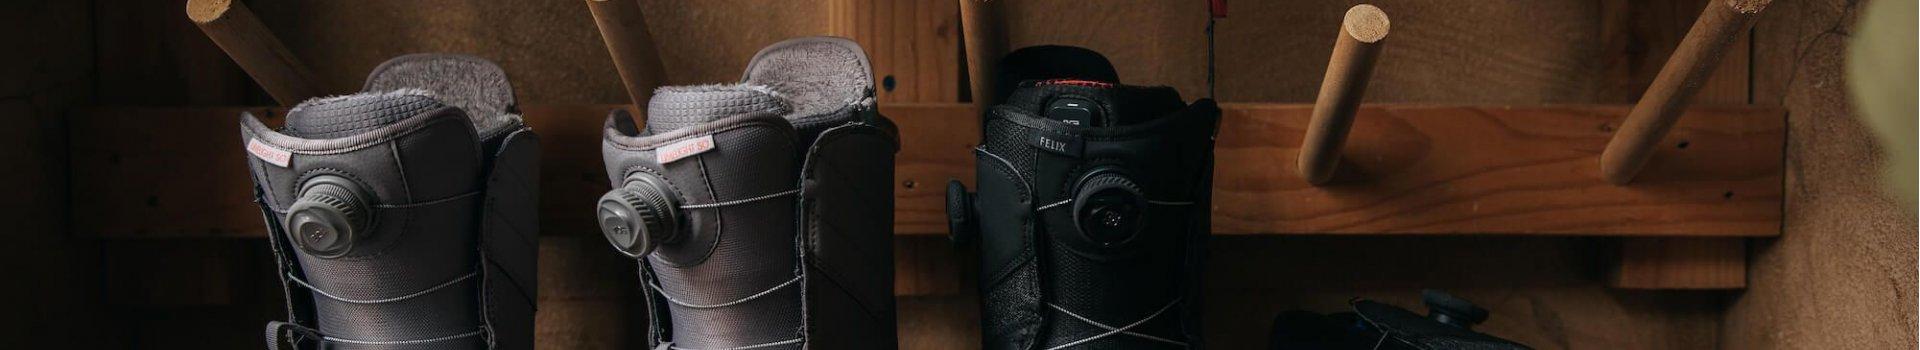 Buty snowboardowe - odpowiedni rozmiar to podstawa